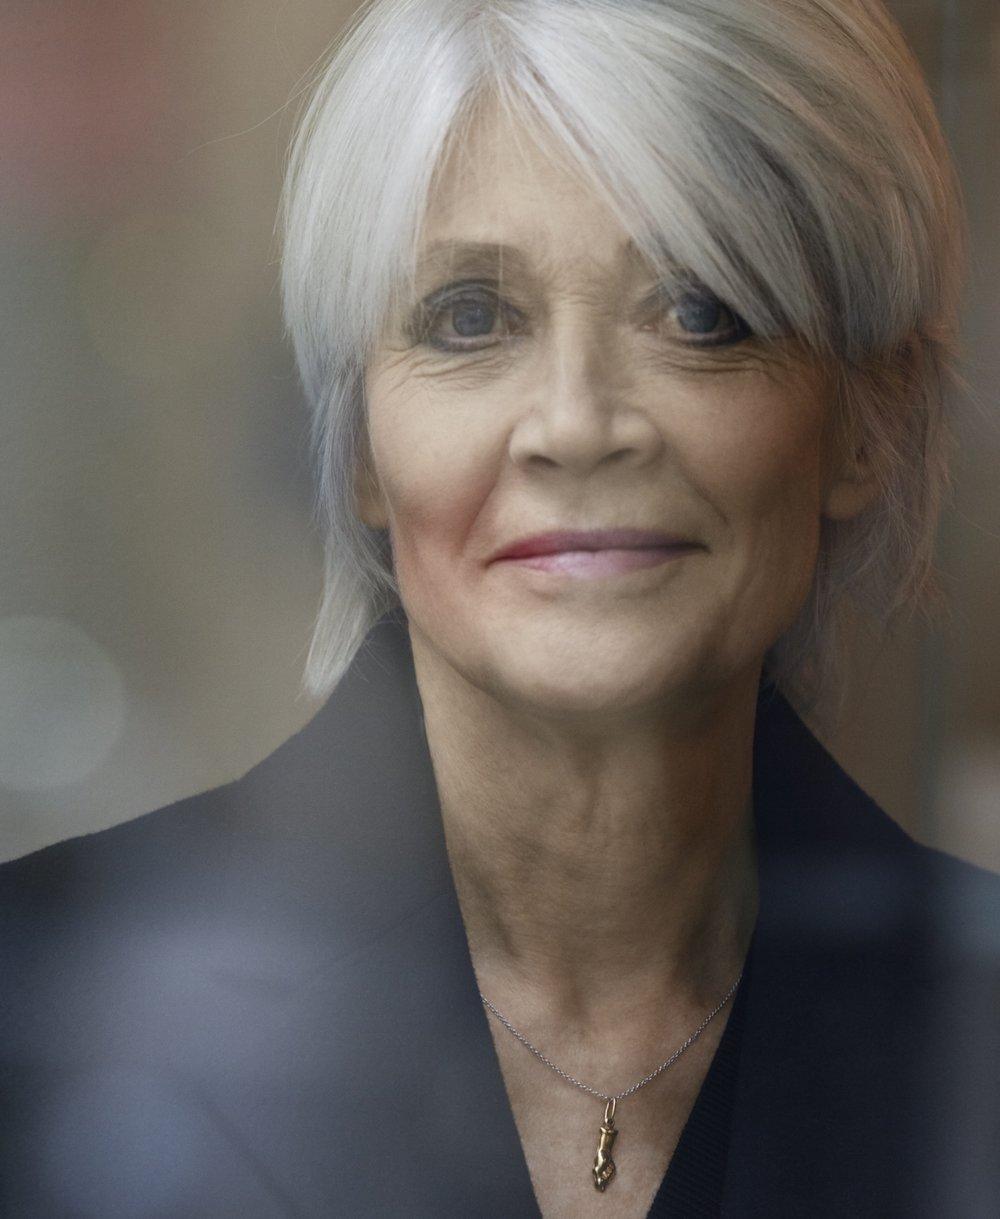 Françoise Hardy réussit un retour en beauté. Photo Benoît PEVERELLI